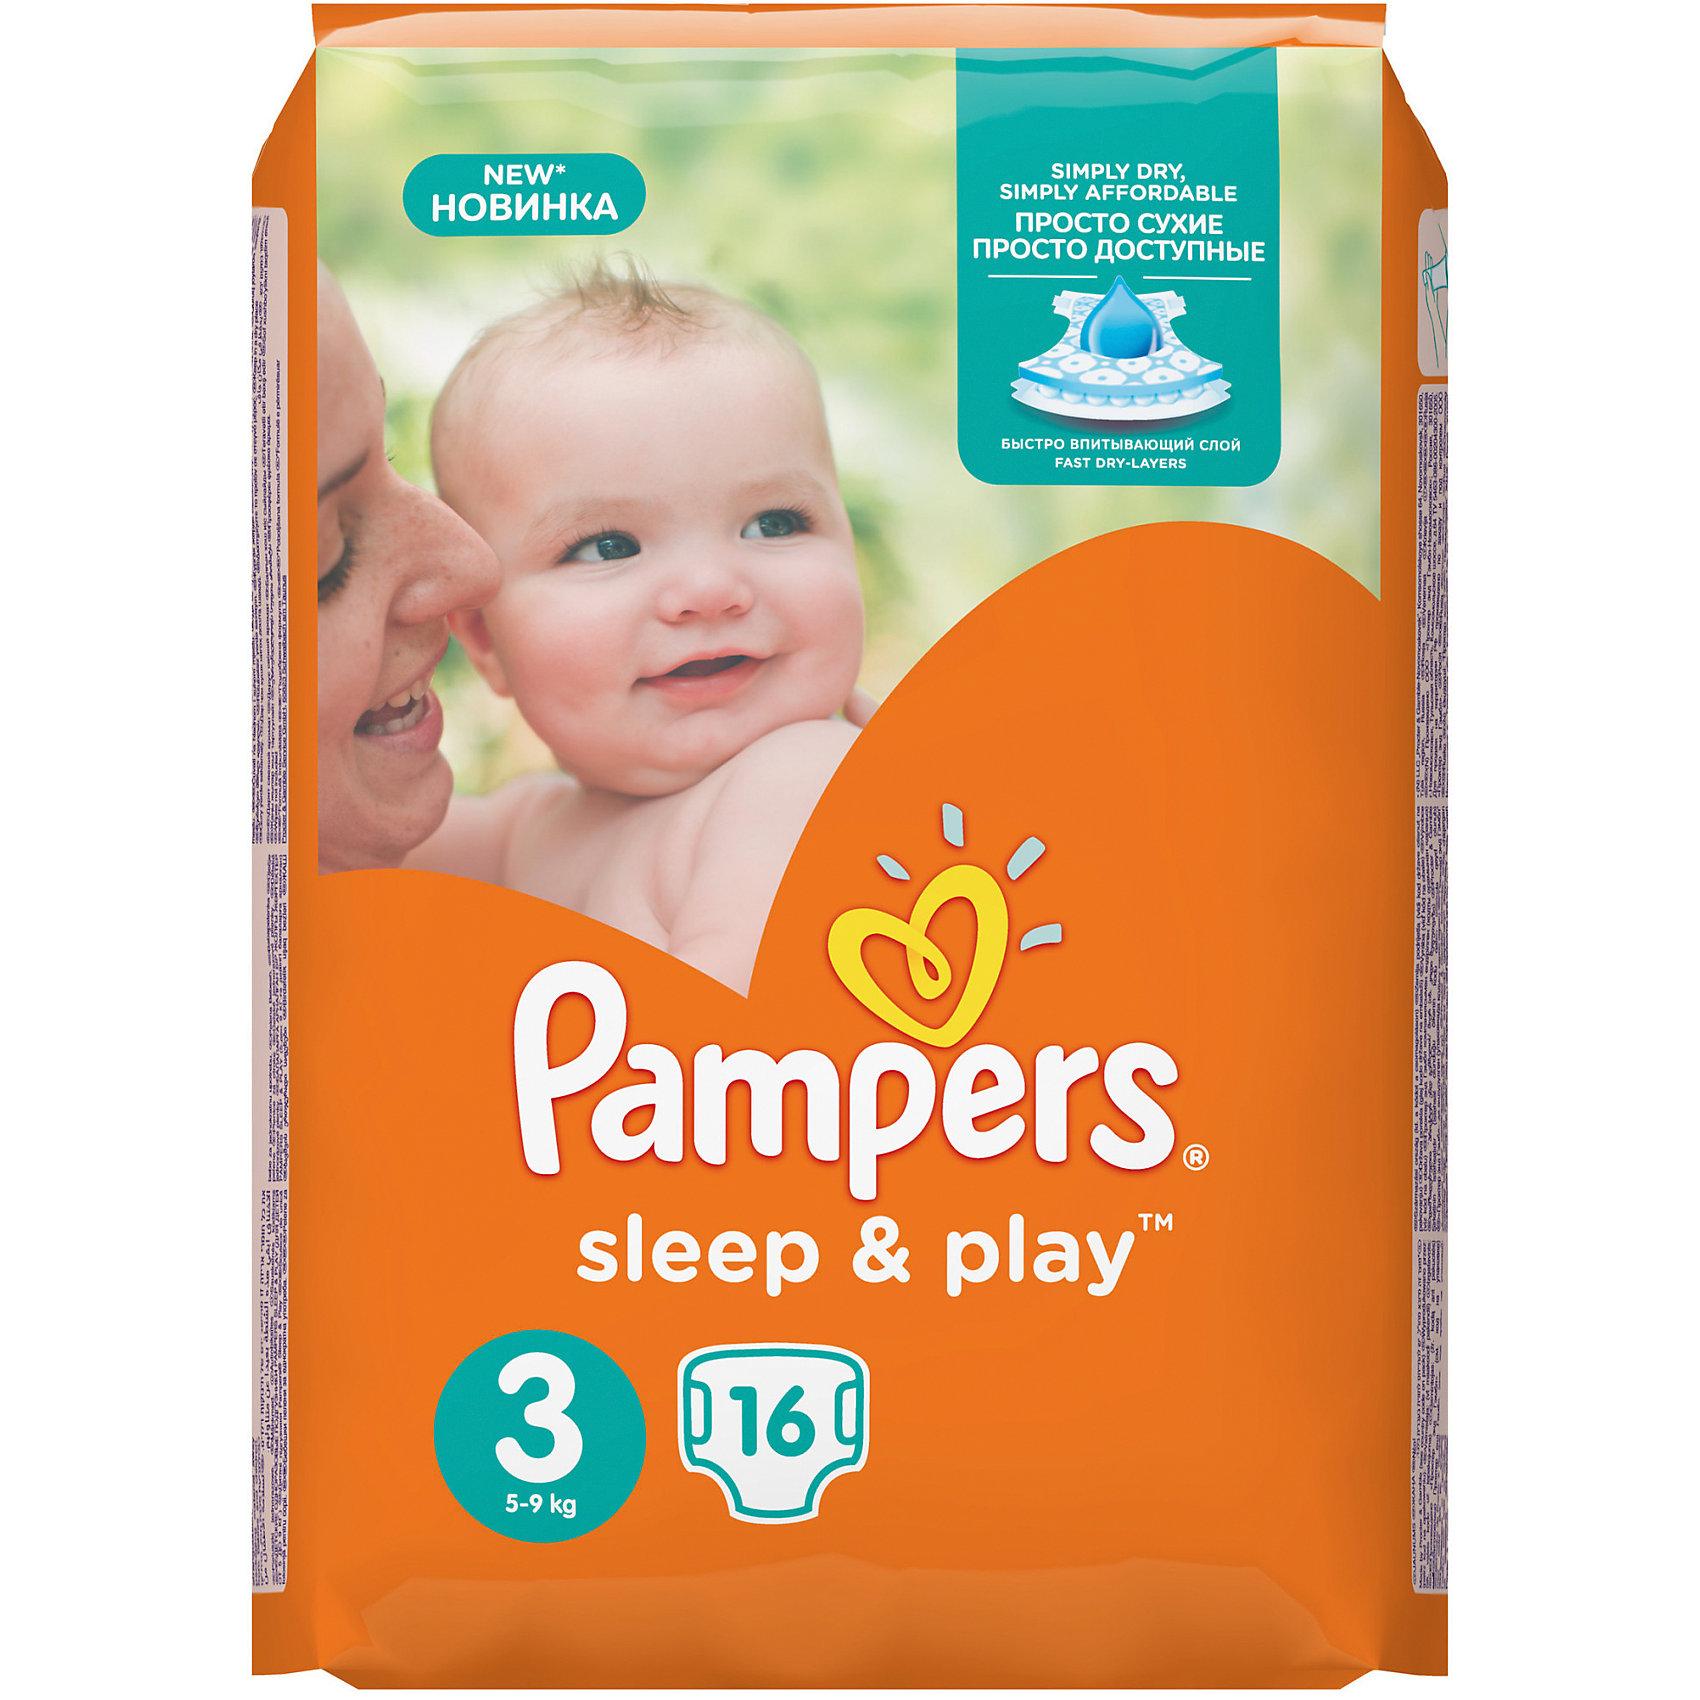 Подгузники Pampers Sleep &amp; Play, 5-9 кг, 3 размер, 16 шт., PampersПодгузники классические<br>Характеристики:<br><br>• Пол: универсальный<br>• Тип подгузника: одноразовый<br>• Коллекция: Sleep &amp; Play<br>• Предназначение: для использования в любое время суток <br>• Размер: 3<br>• Вес ребенка: от 5 до 9 кг<br>• Количество в упаковке: 16 шт.<br>• Упаковка: пакет<br>• Размер упаковки: 14,4*11,5*19,8 см<br>• Вес в упаковке: 359 г<br>• Эластичные застежки-липучки<br>• Быстро впитывающий слой<br>• Яркий дизайн<br>• Сохранение сухости в течение 9-ти часов<br>• Содержит экстракт ромашки<br><br>Подгузники Pampers Sleep &amp; Play, 5-9 кг, 3 размер, 16 шт., Pampers – это линейка классических детских подгузников от Pampers, которая сочетает в себе качество и безопасность материалов, удобство использования и комфорт для нежной кожи малыша. Подгузники предназначены для младенцев весом до 9 кг. Инновационные технологии и современные материалы обеспечивают этим подгузникам Дышащие свойства, что особенно важно для кожи малыша. <br><br>Впитывающие свойства изделию обеспечивает уникальный слой, который равномерно распределяет влагу внутри подгузника, при этом сохраняя сухость верхнего слоя. У подгузников предусмотрена эластичная мягкая резиночка на спинке. Широкие липучки с двух сторон обеспечивают надежную фиксацию. В составе подгузника имеется экстракт ромашки, который защищает кожу ребенка от раздражений. Подгузник подходит как для мальчиков, так и для девочек. <br><br>Подгузники Pampers Sleep &amp; Play, 5-9 кг, 3 размер, 16 шт., Pampers можно купить в нашем интернет-магазине.<br><br>Ширина мм: 144<br>Глубина мм: 115<br>Высота мм: 198<br>Вес г: 359<br>Возраст от месяцев: 3<br>Возраст до месяцев: 12<br>Пол: Унисекс<br>Возраст: Детский<br>SKU: 5419055